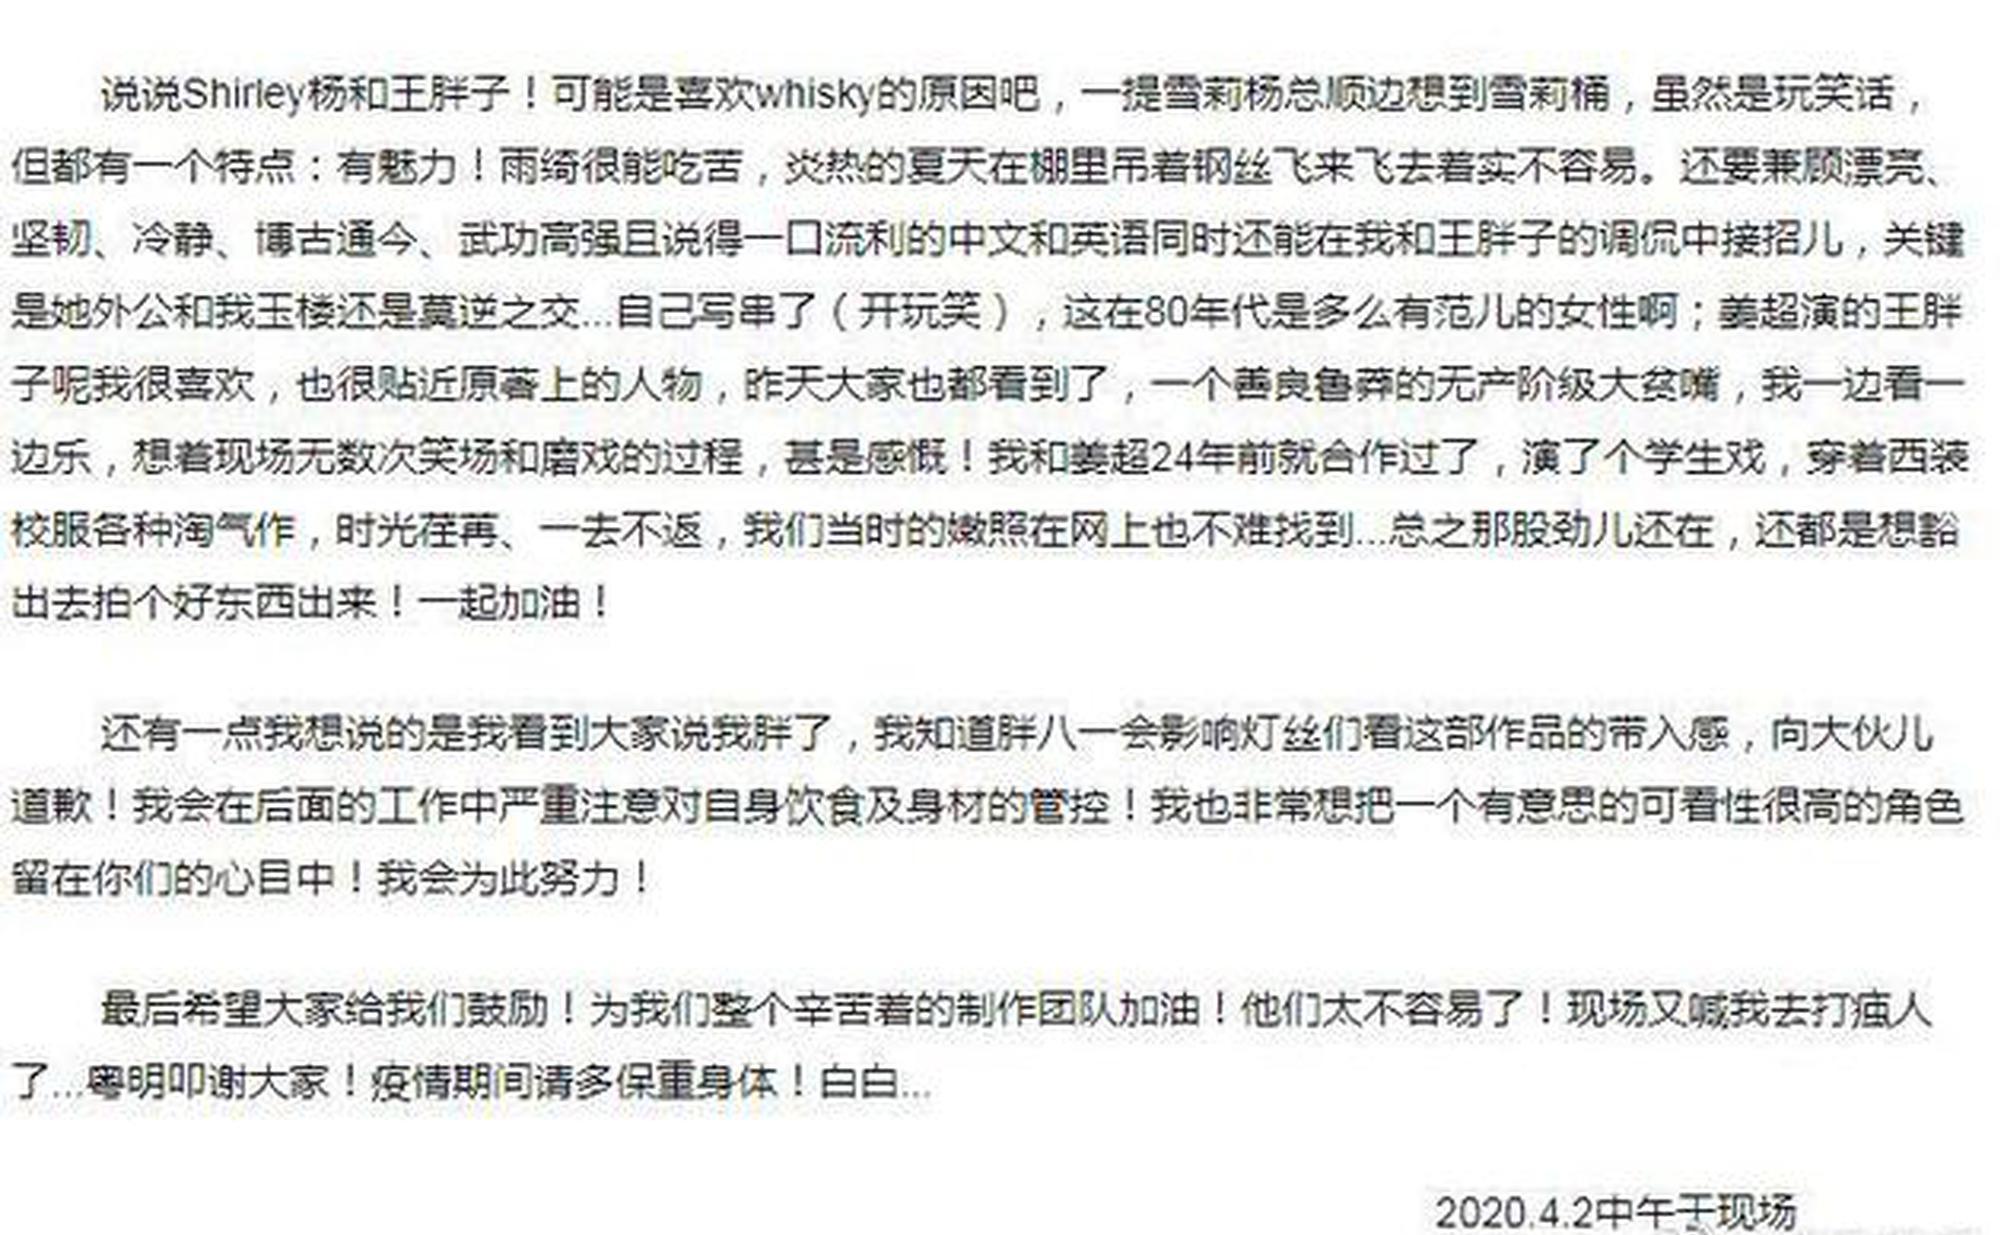 潘粤明发长文分享鬼吹灯拍摄过程 为胖八一道歉